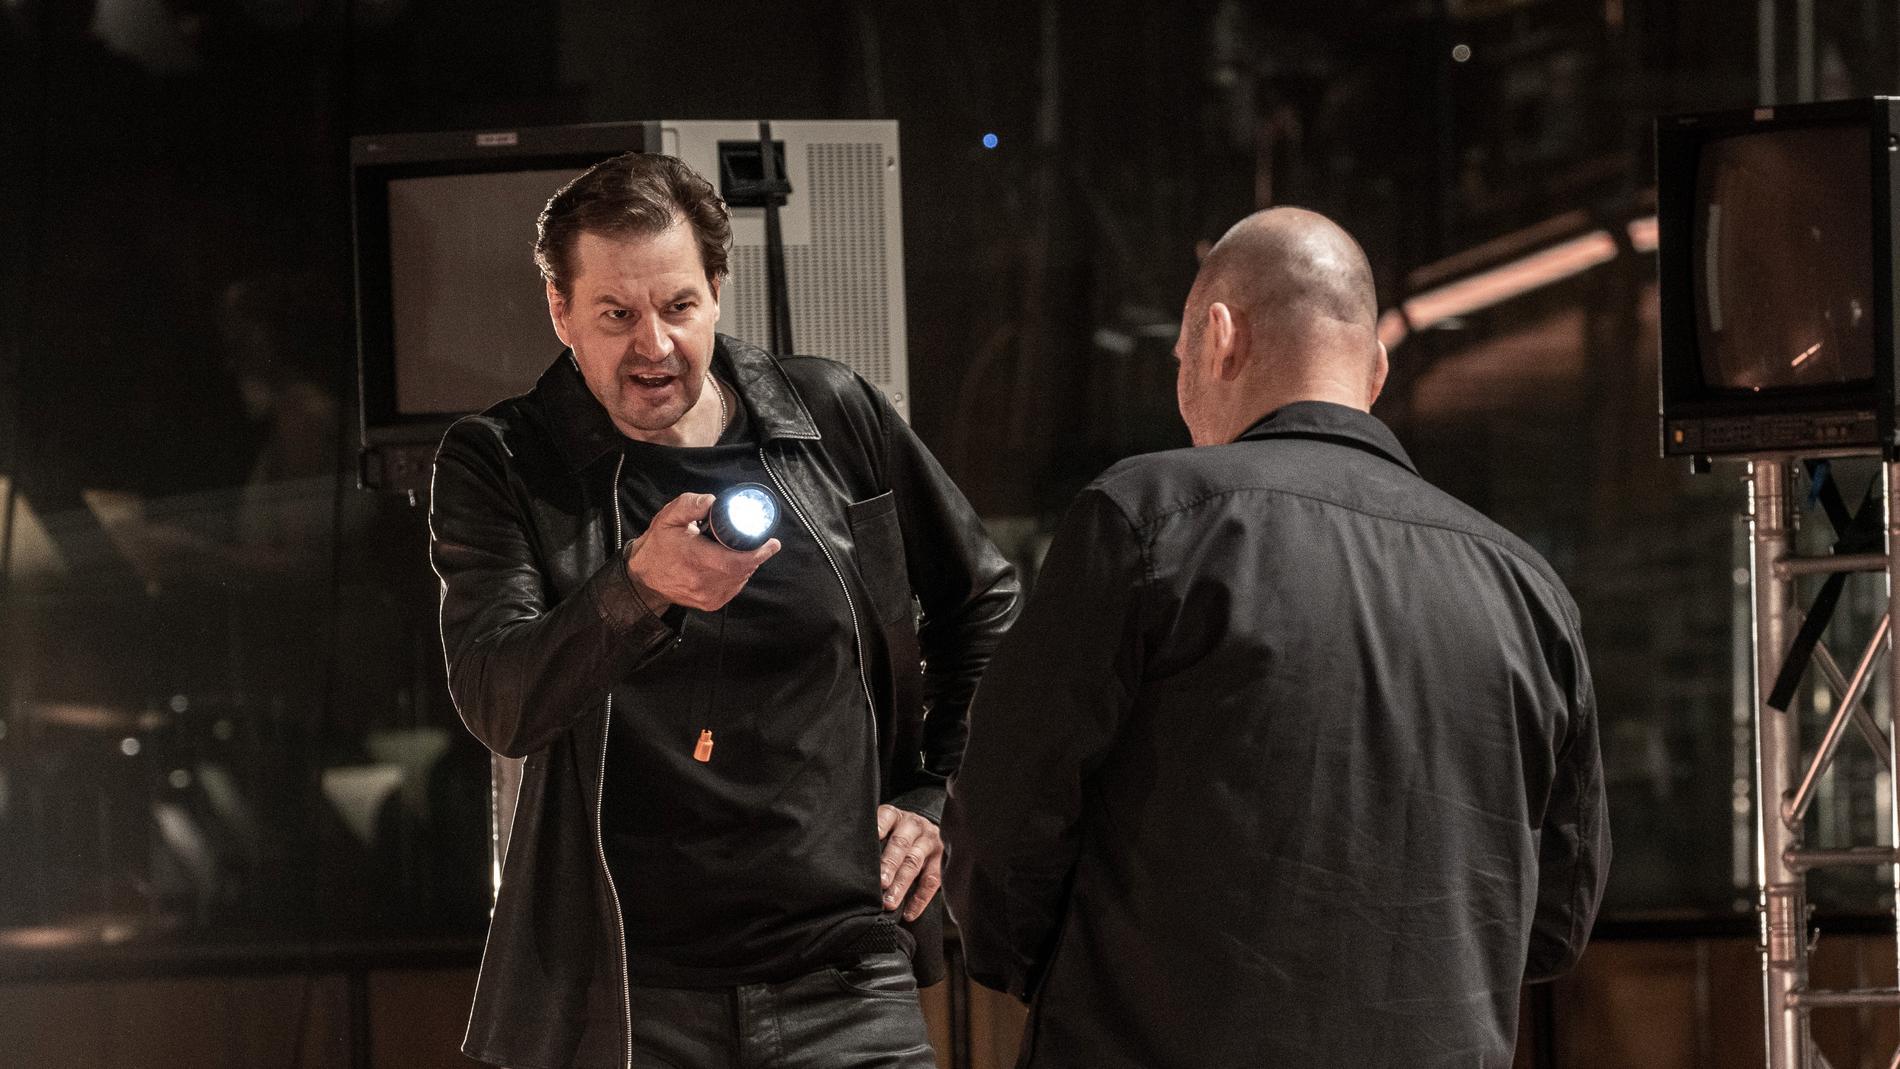 Peter Mattei som Don Giovanni och John Lundgren som Leporello, här i färg till skillnad från Berwaldhallens streamade uppsättning.